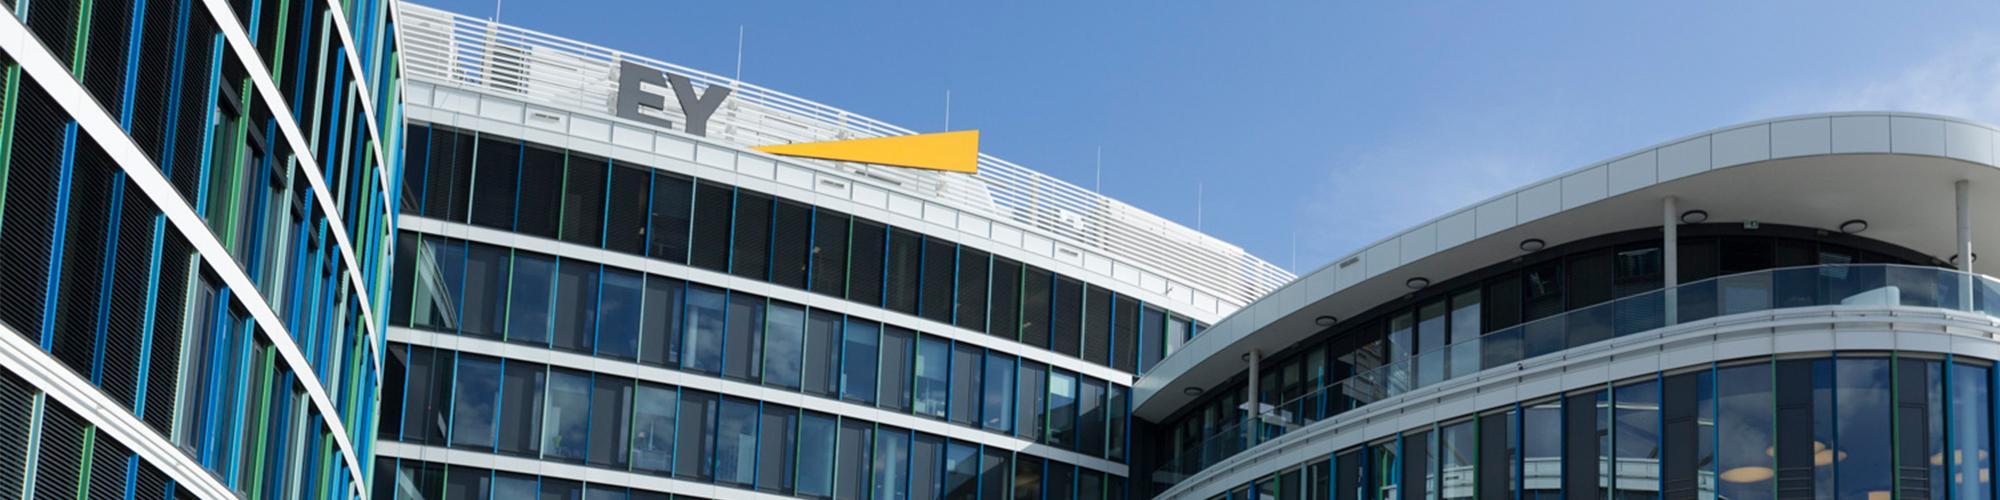 Ernst & Young Law GmbH (EY) Rechtsanwaltsgesellschaft Steuerberatungsgesellschaft